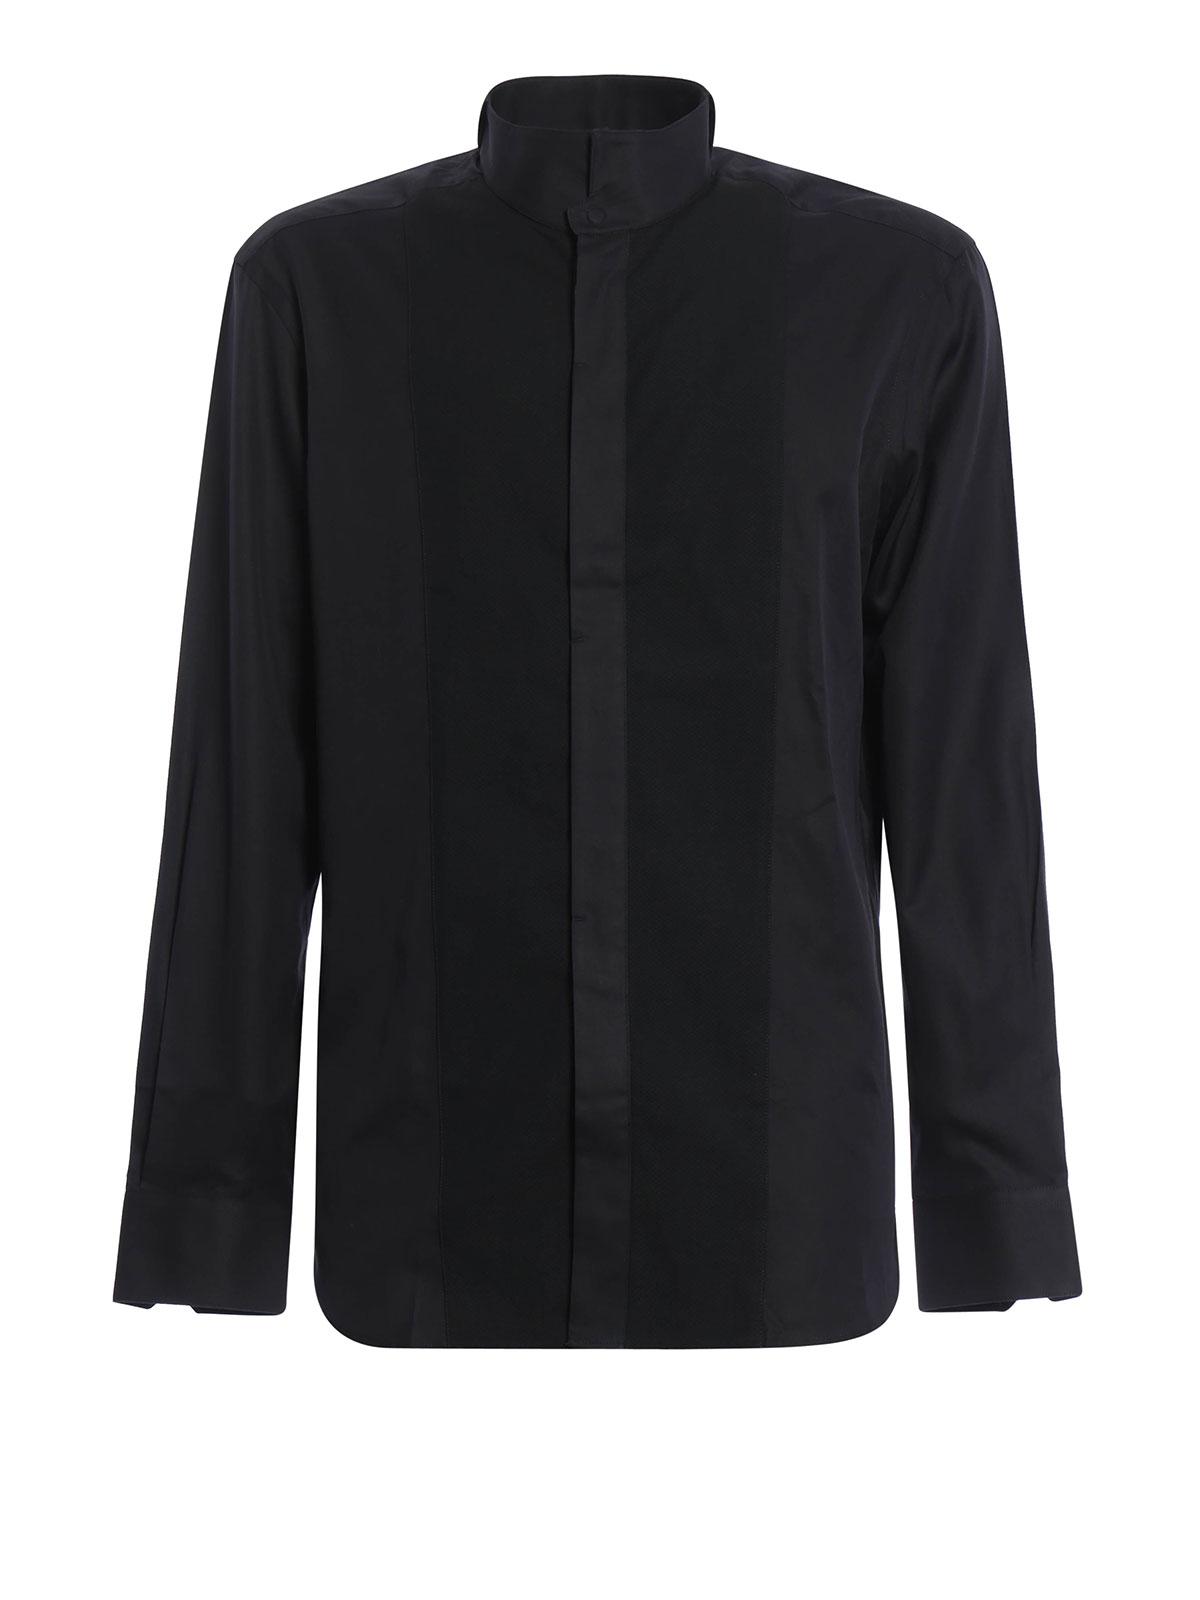 4a39713c2325 Armani Collezioni - Chemise Noir Pour Homme - Chemises - UCC51T ...